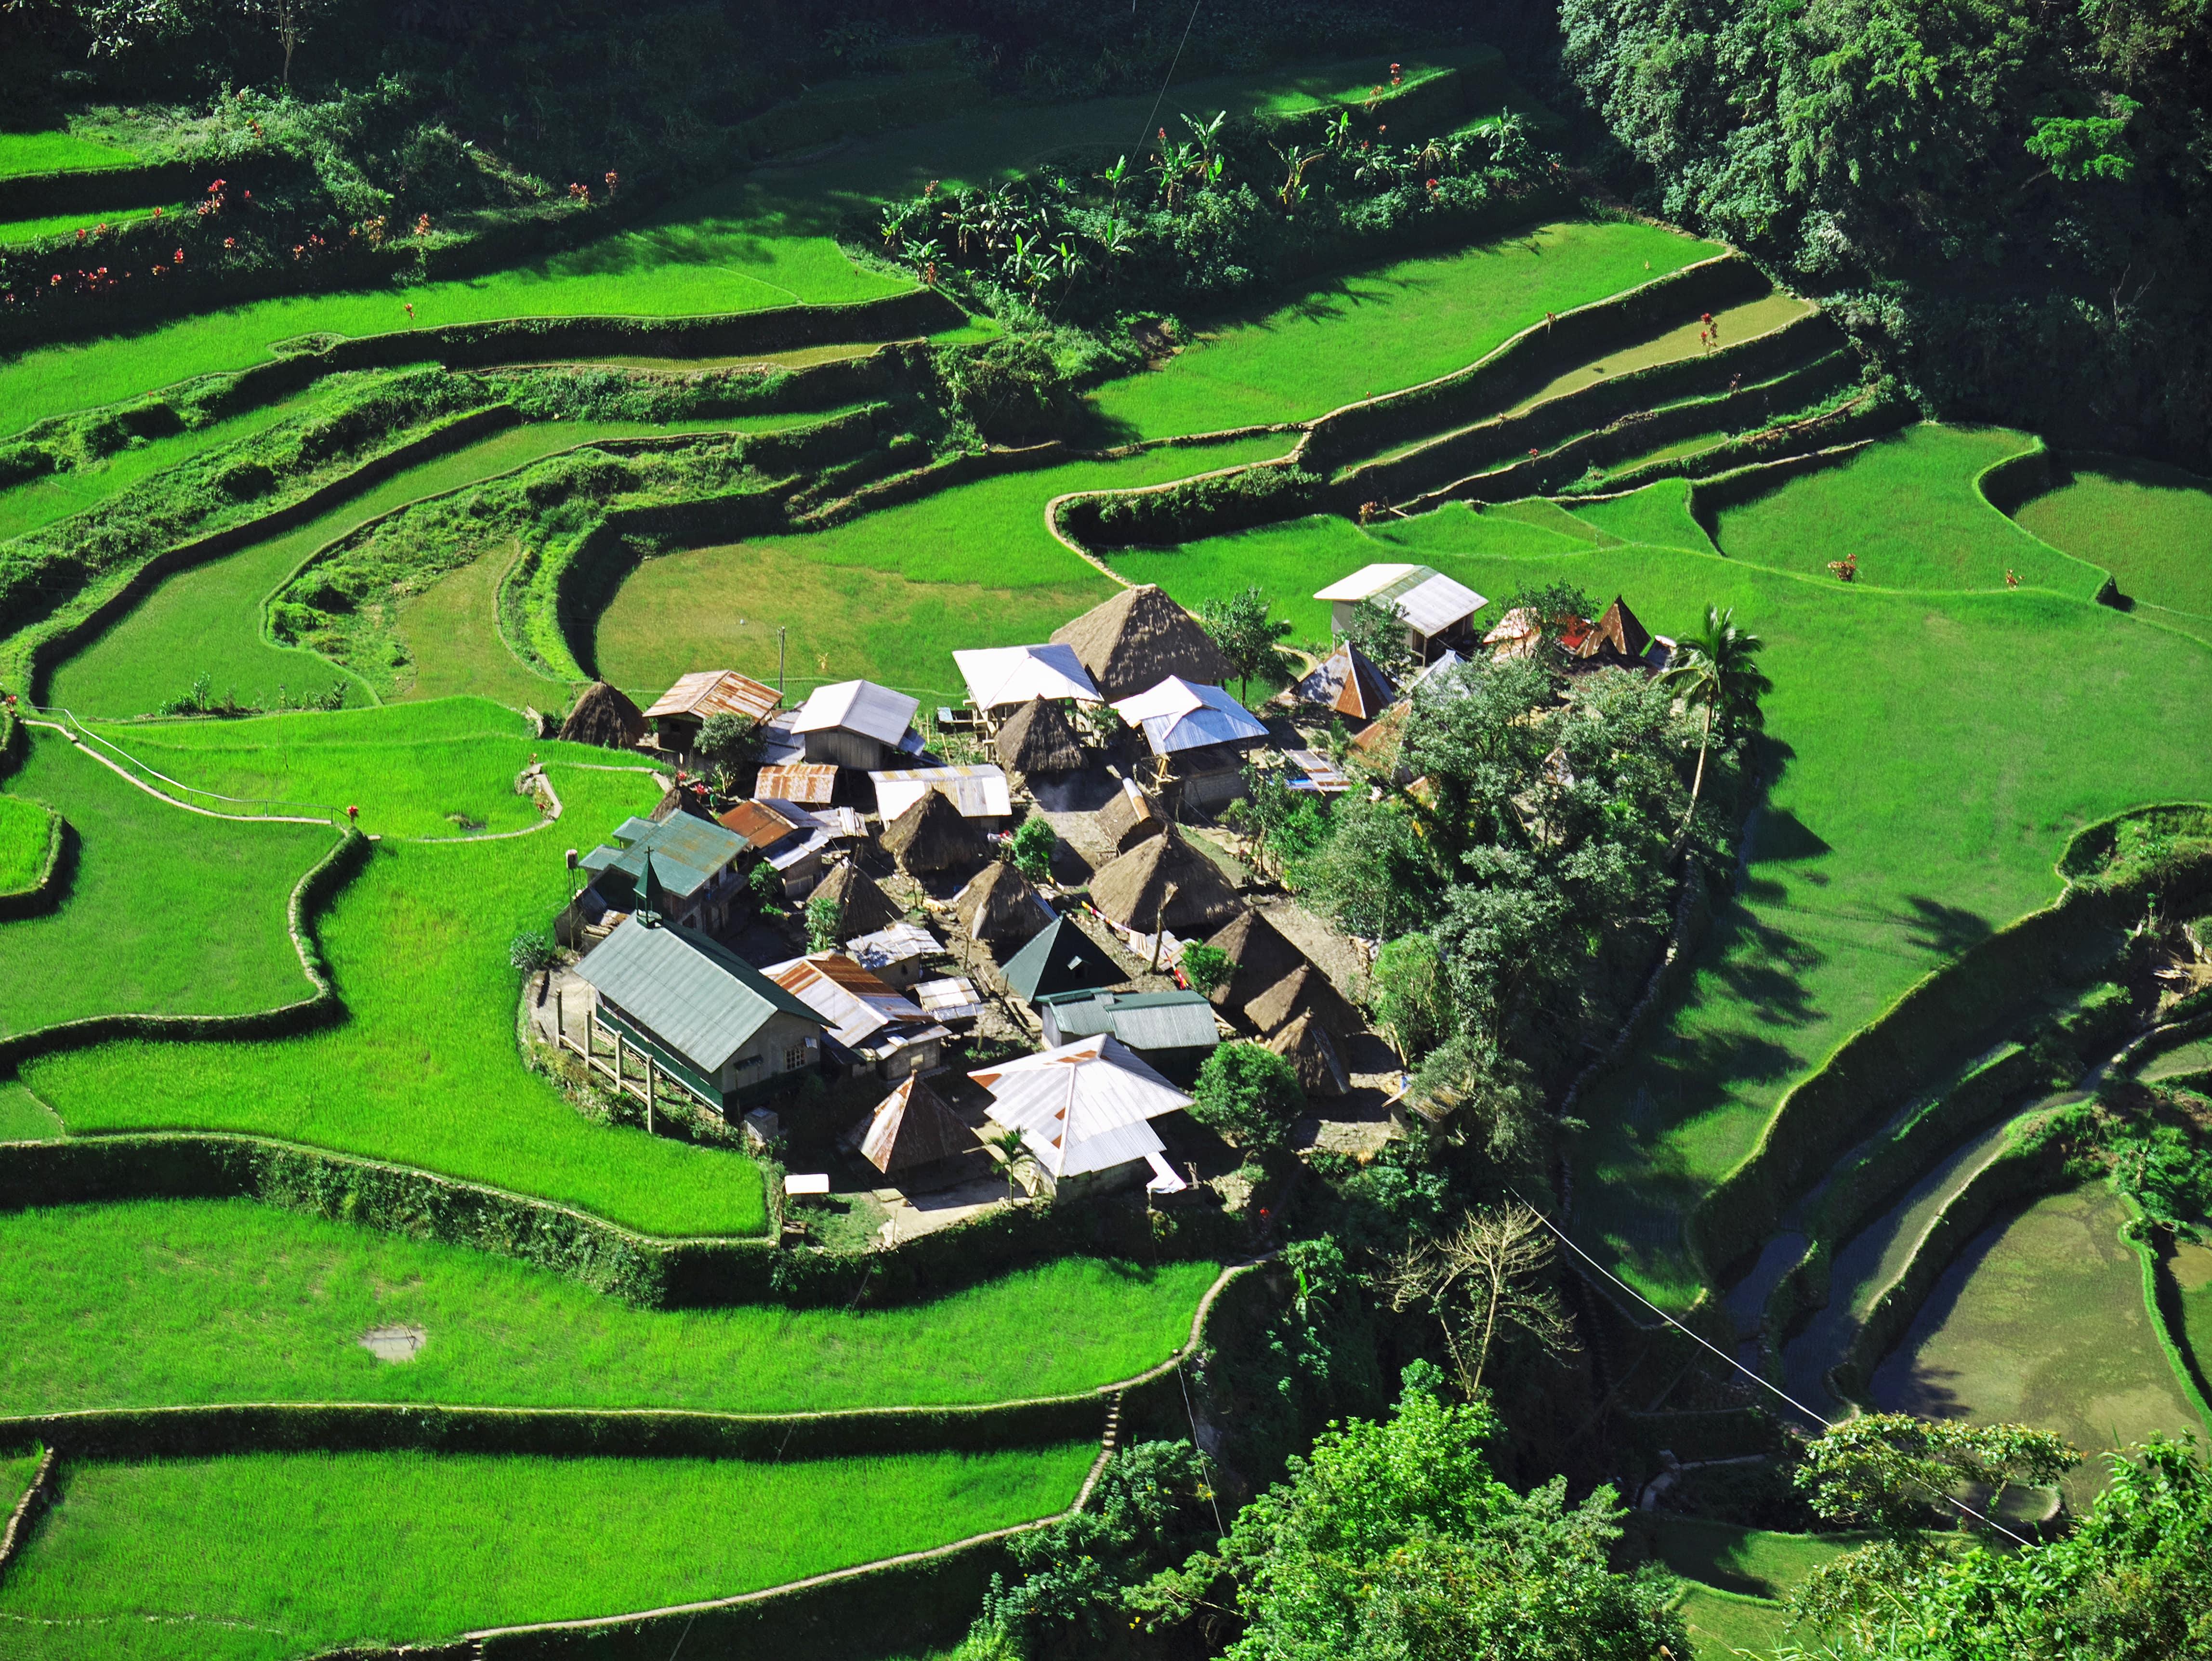 Bangaan Village in Benguet